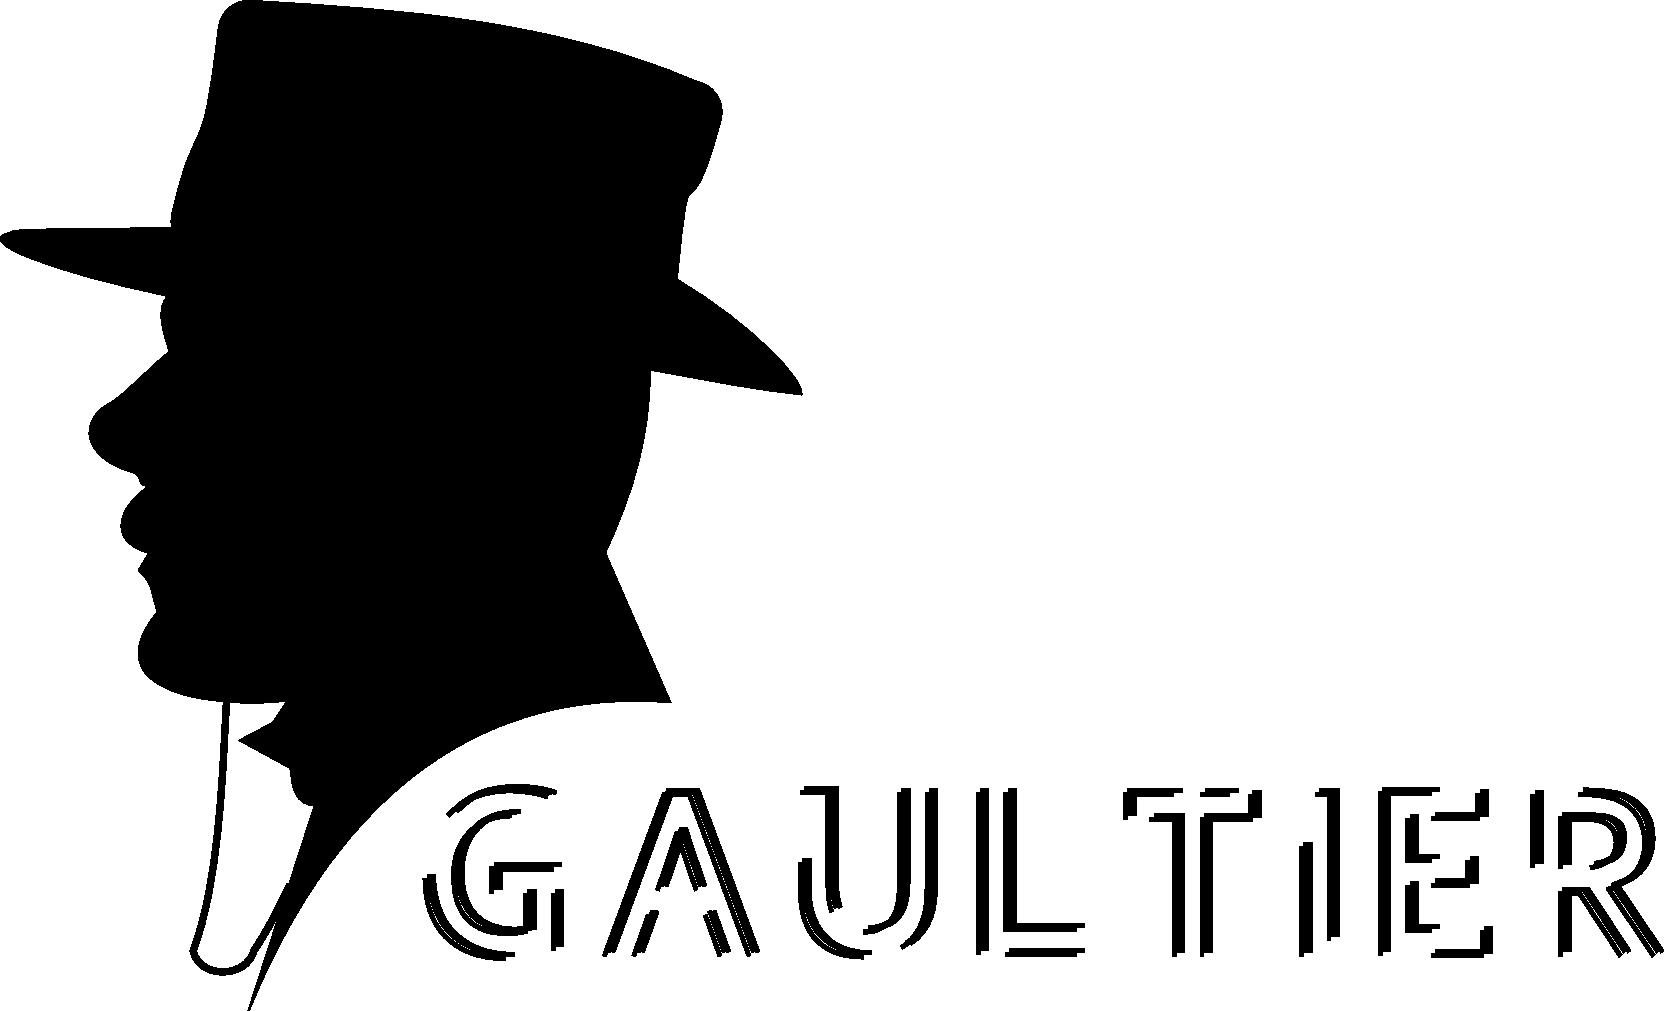 логотип готье